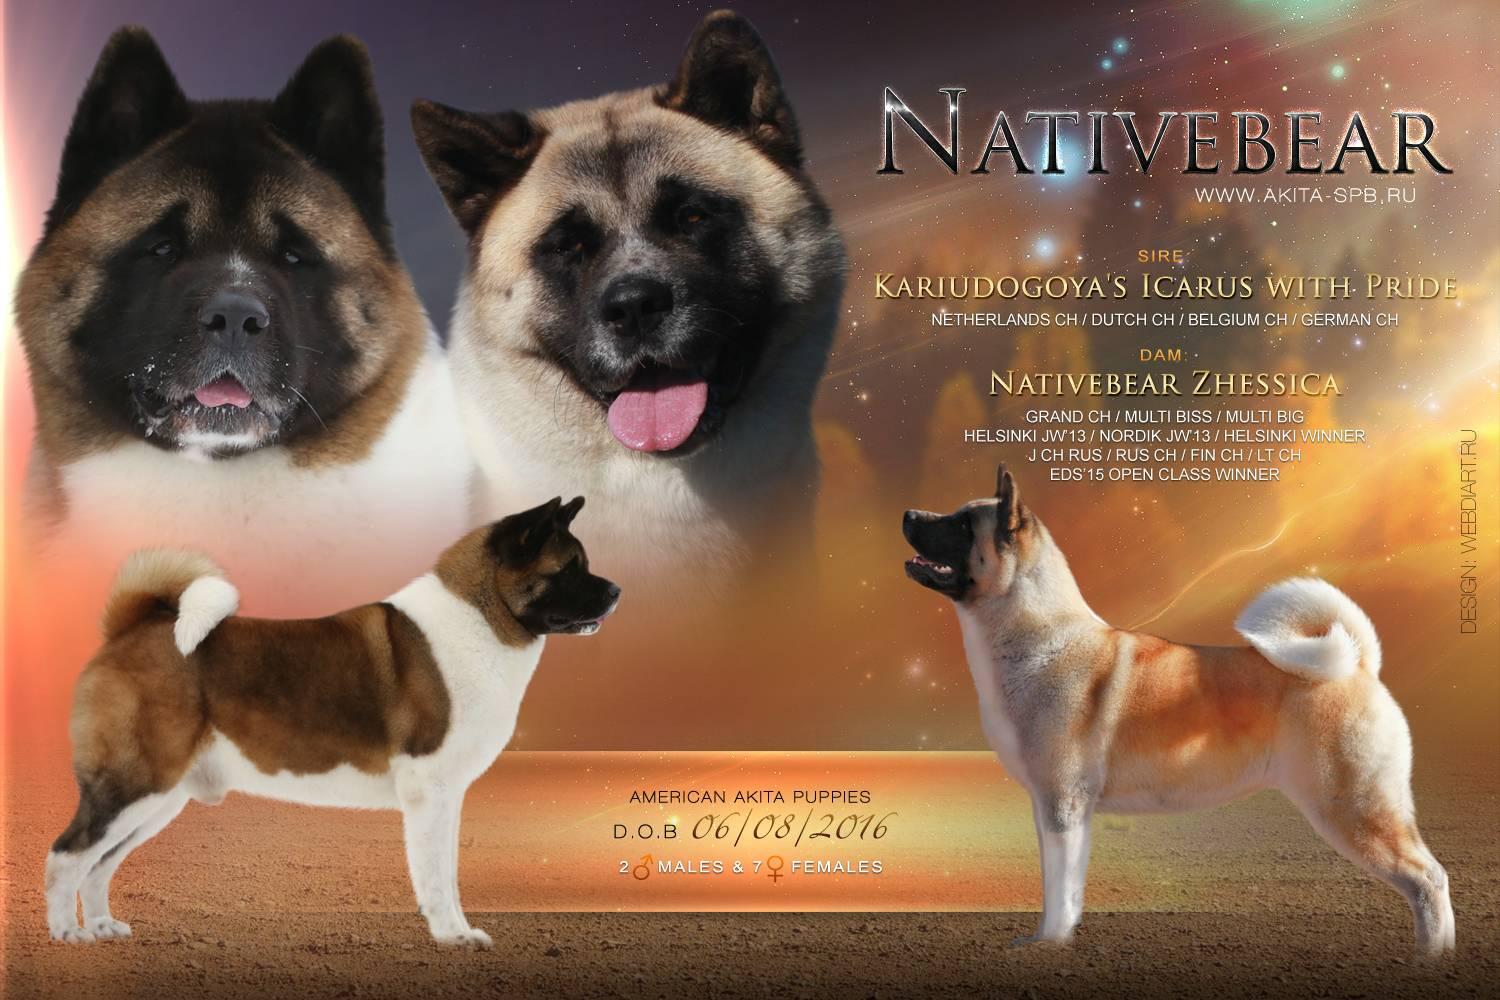 Характеристика породы собак американская акита